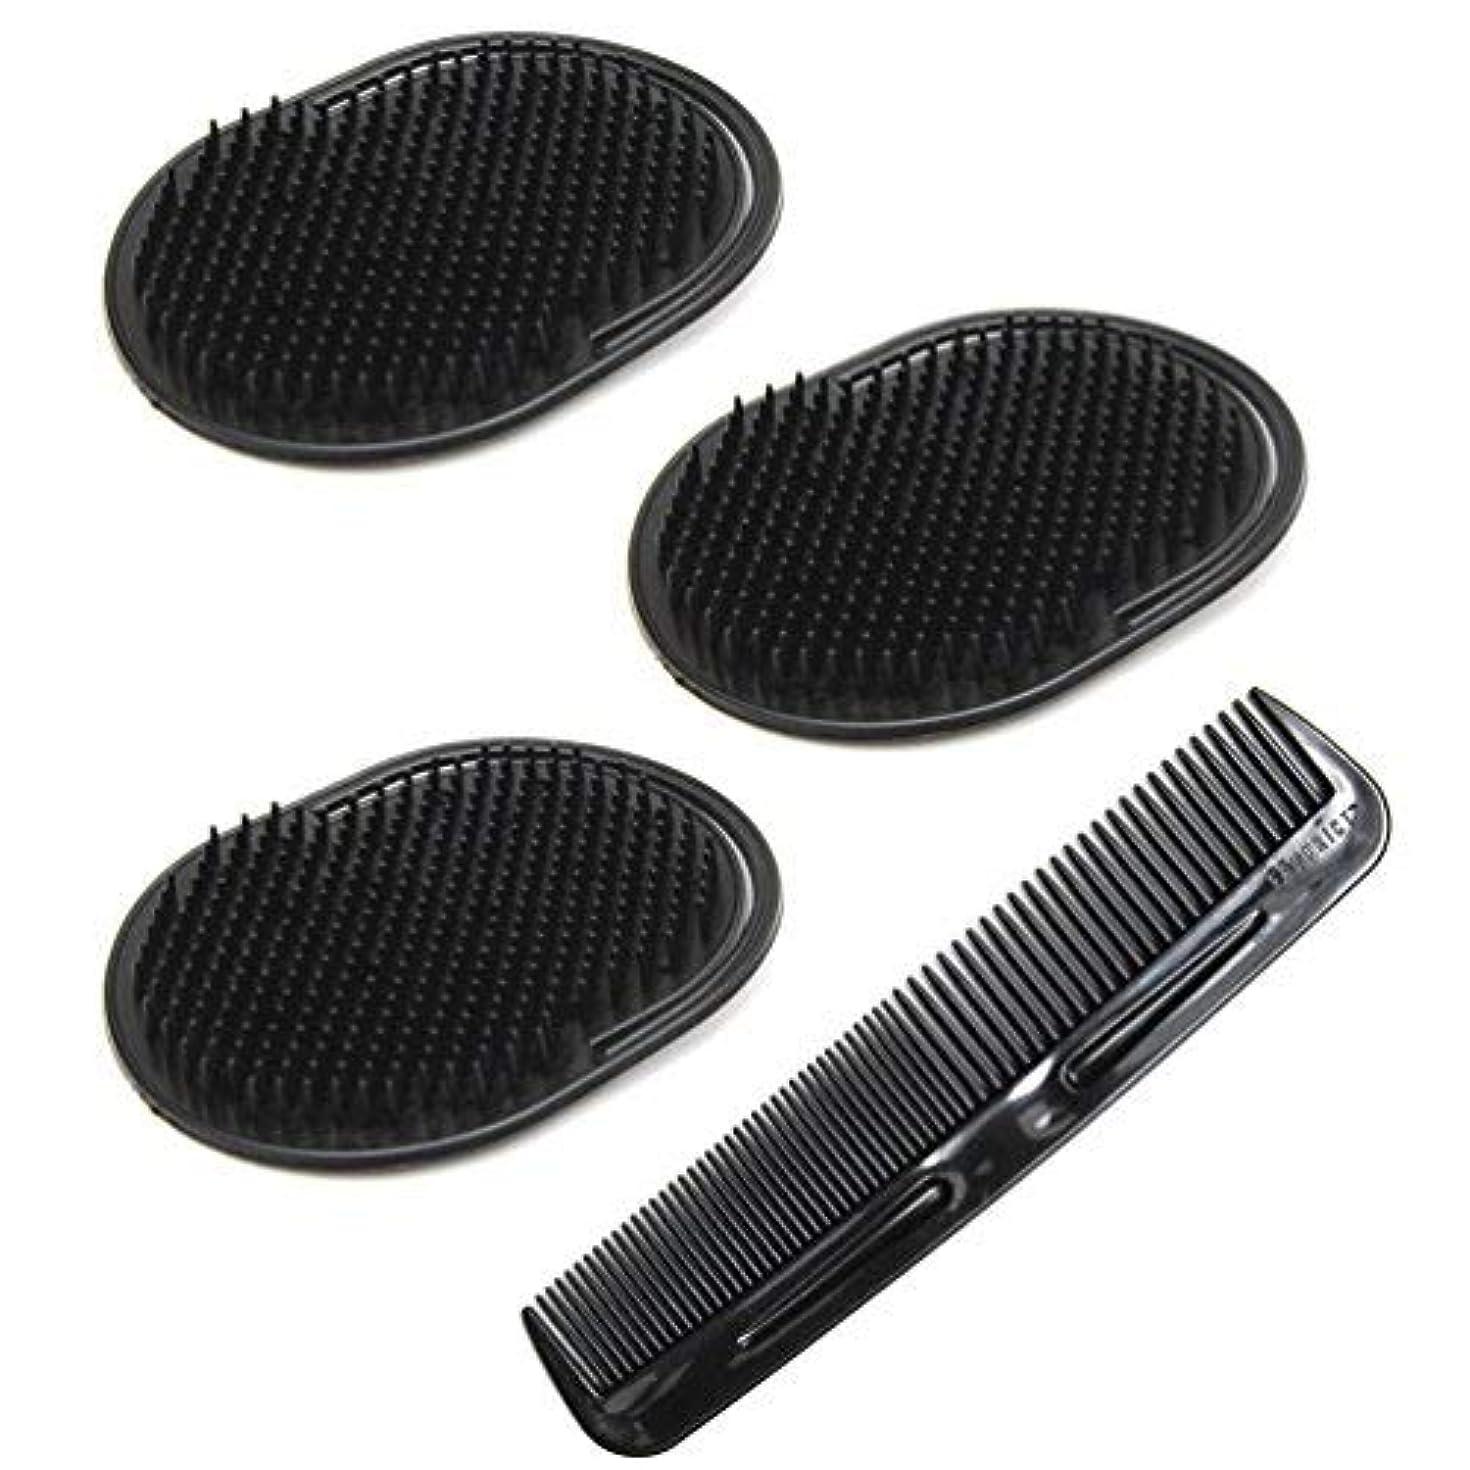 承認する口述する故意のLuxxii (4 Pack) Hair Scalp Massage Shampoo Palm Brush Massager with 5